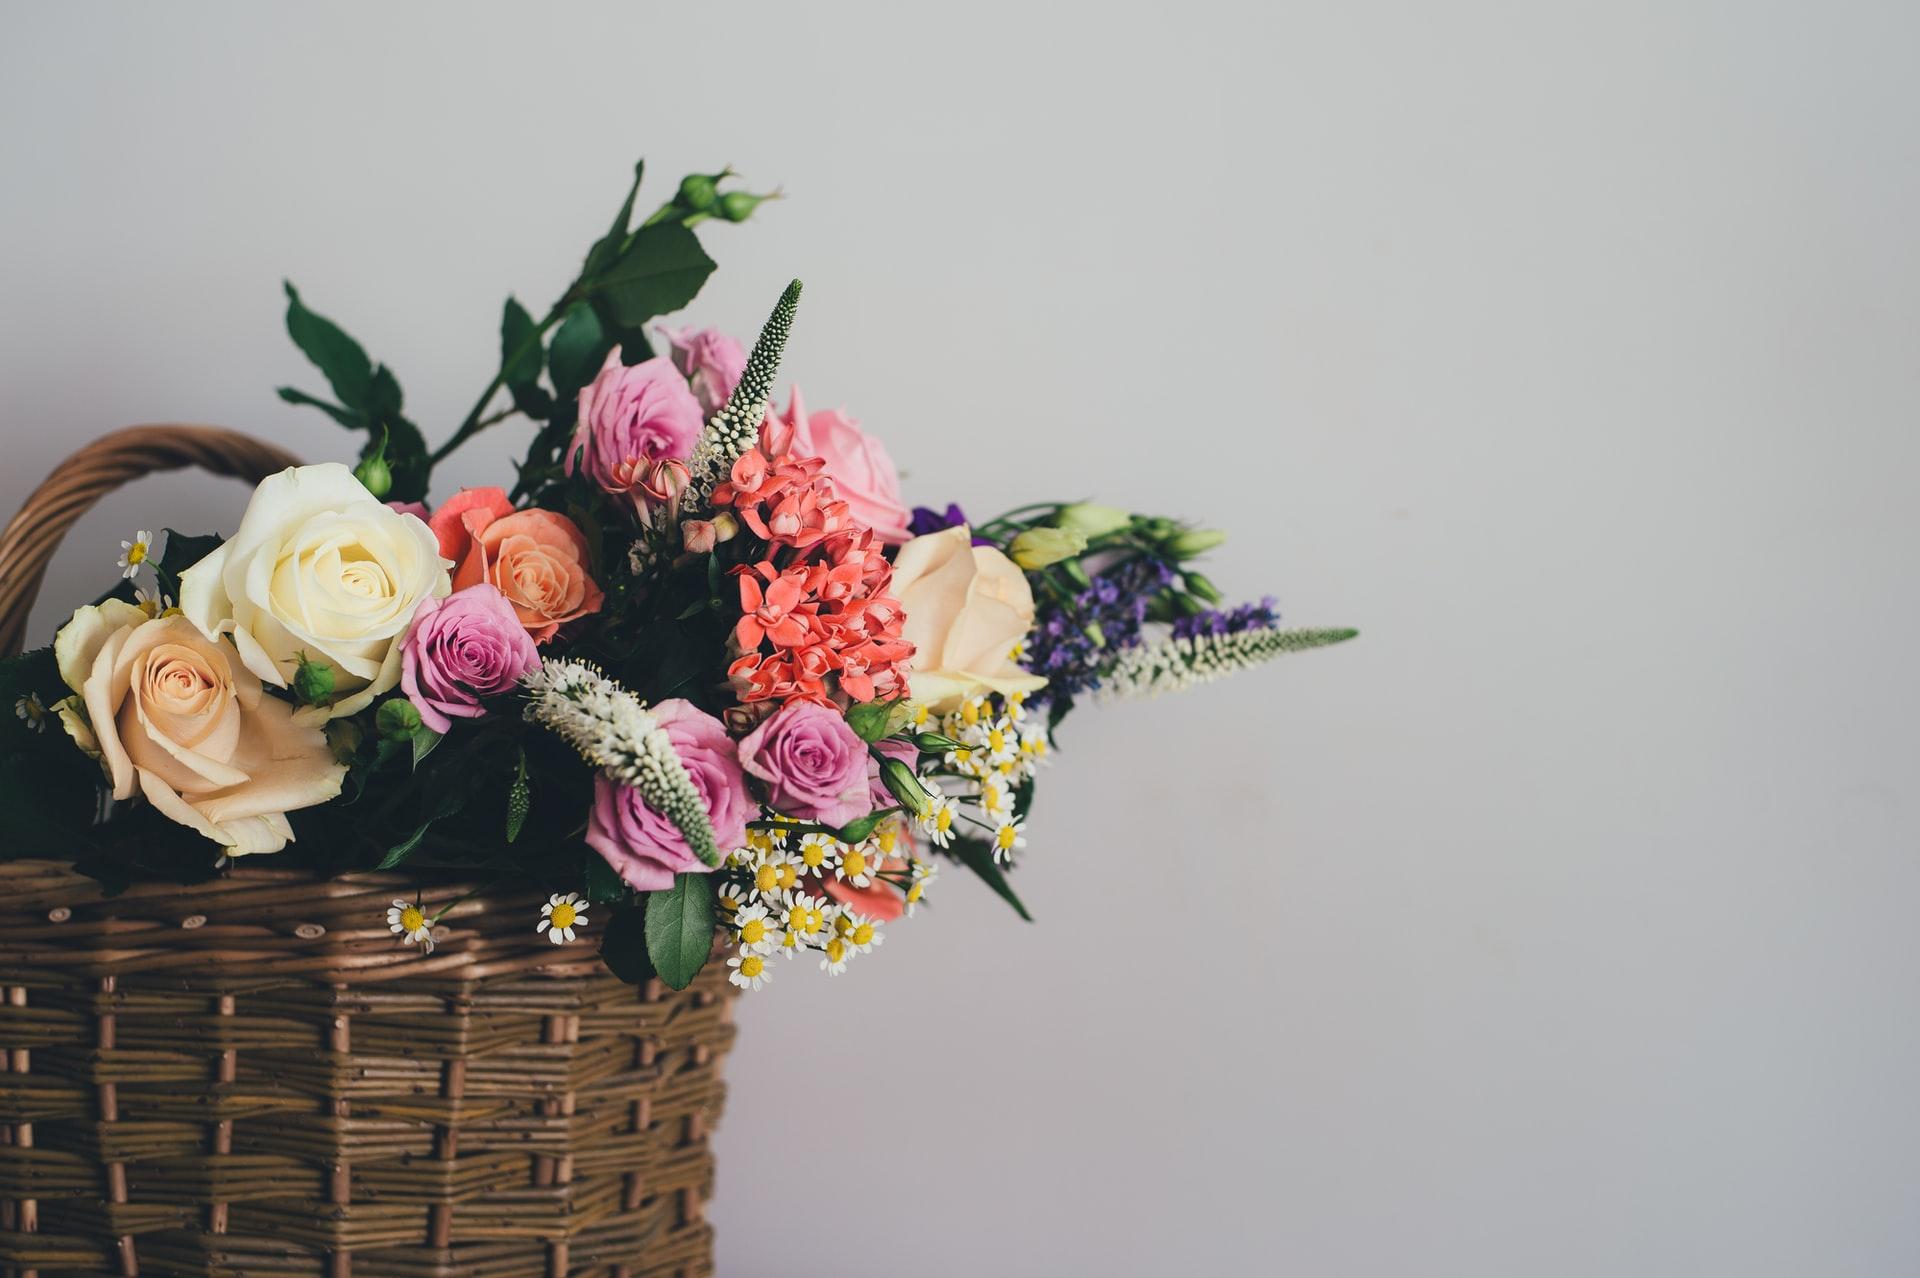 花、グリーンなど植物系サブスク